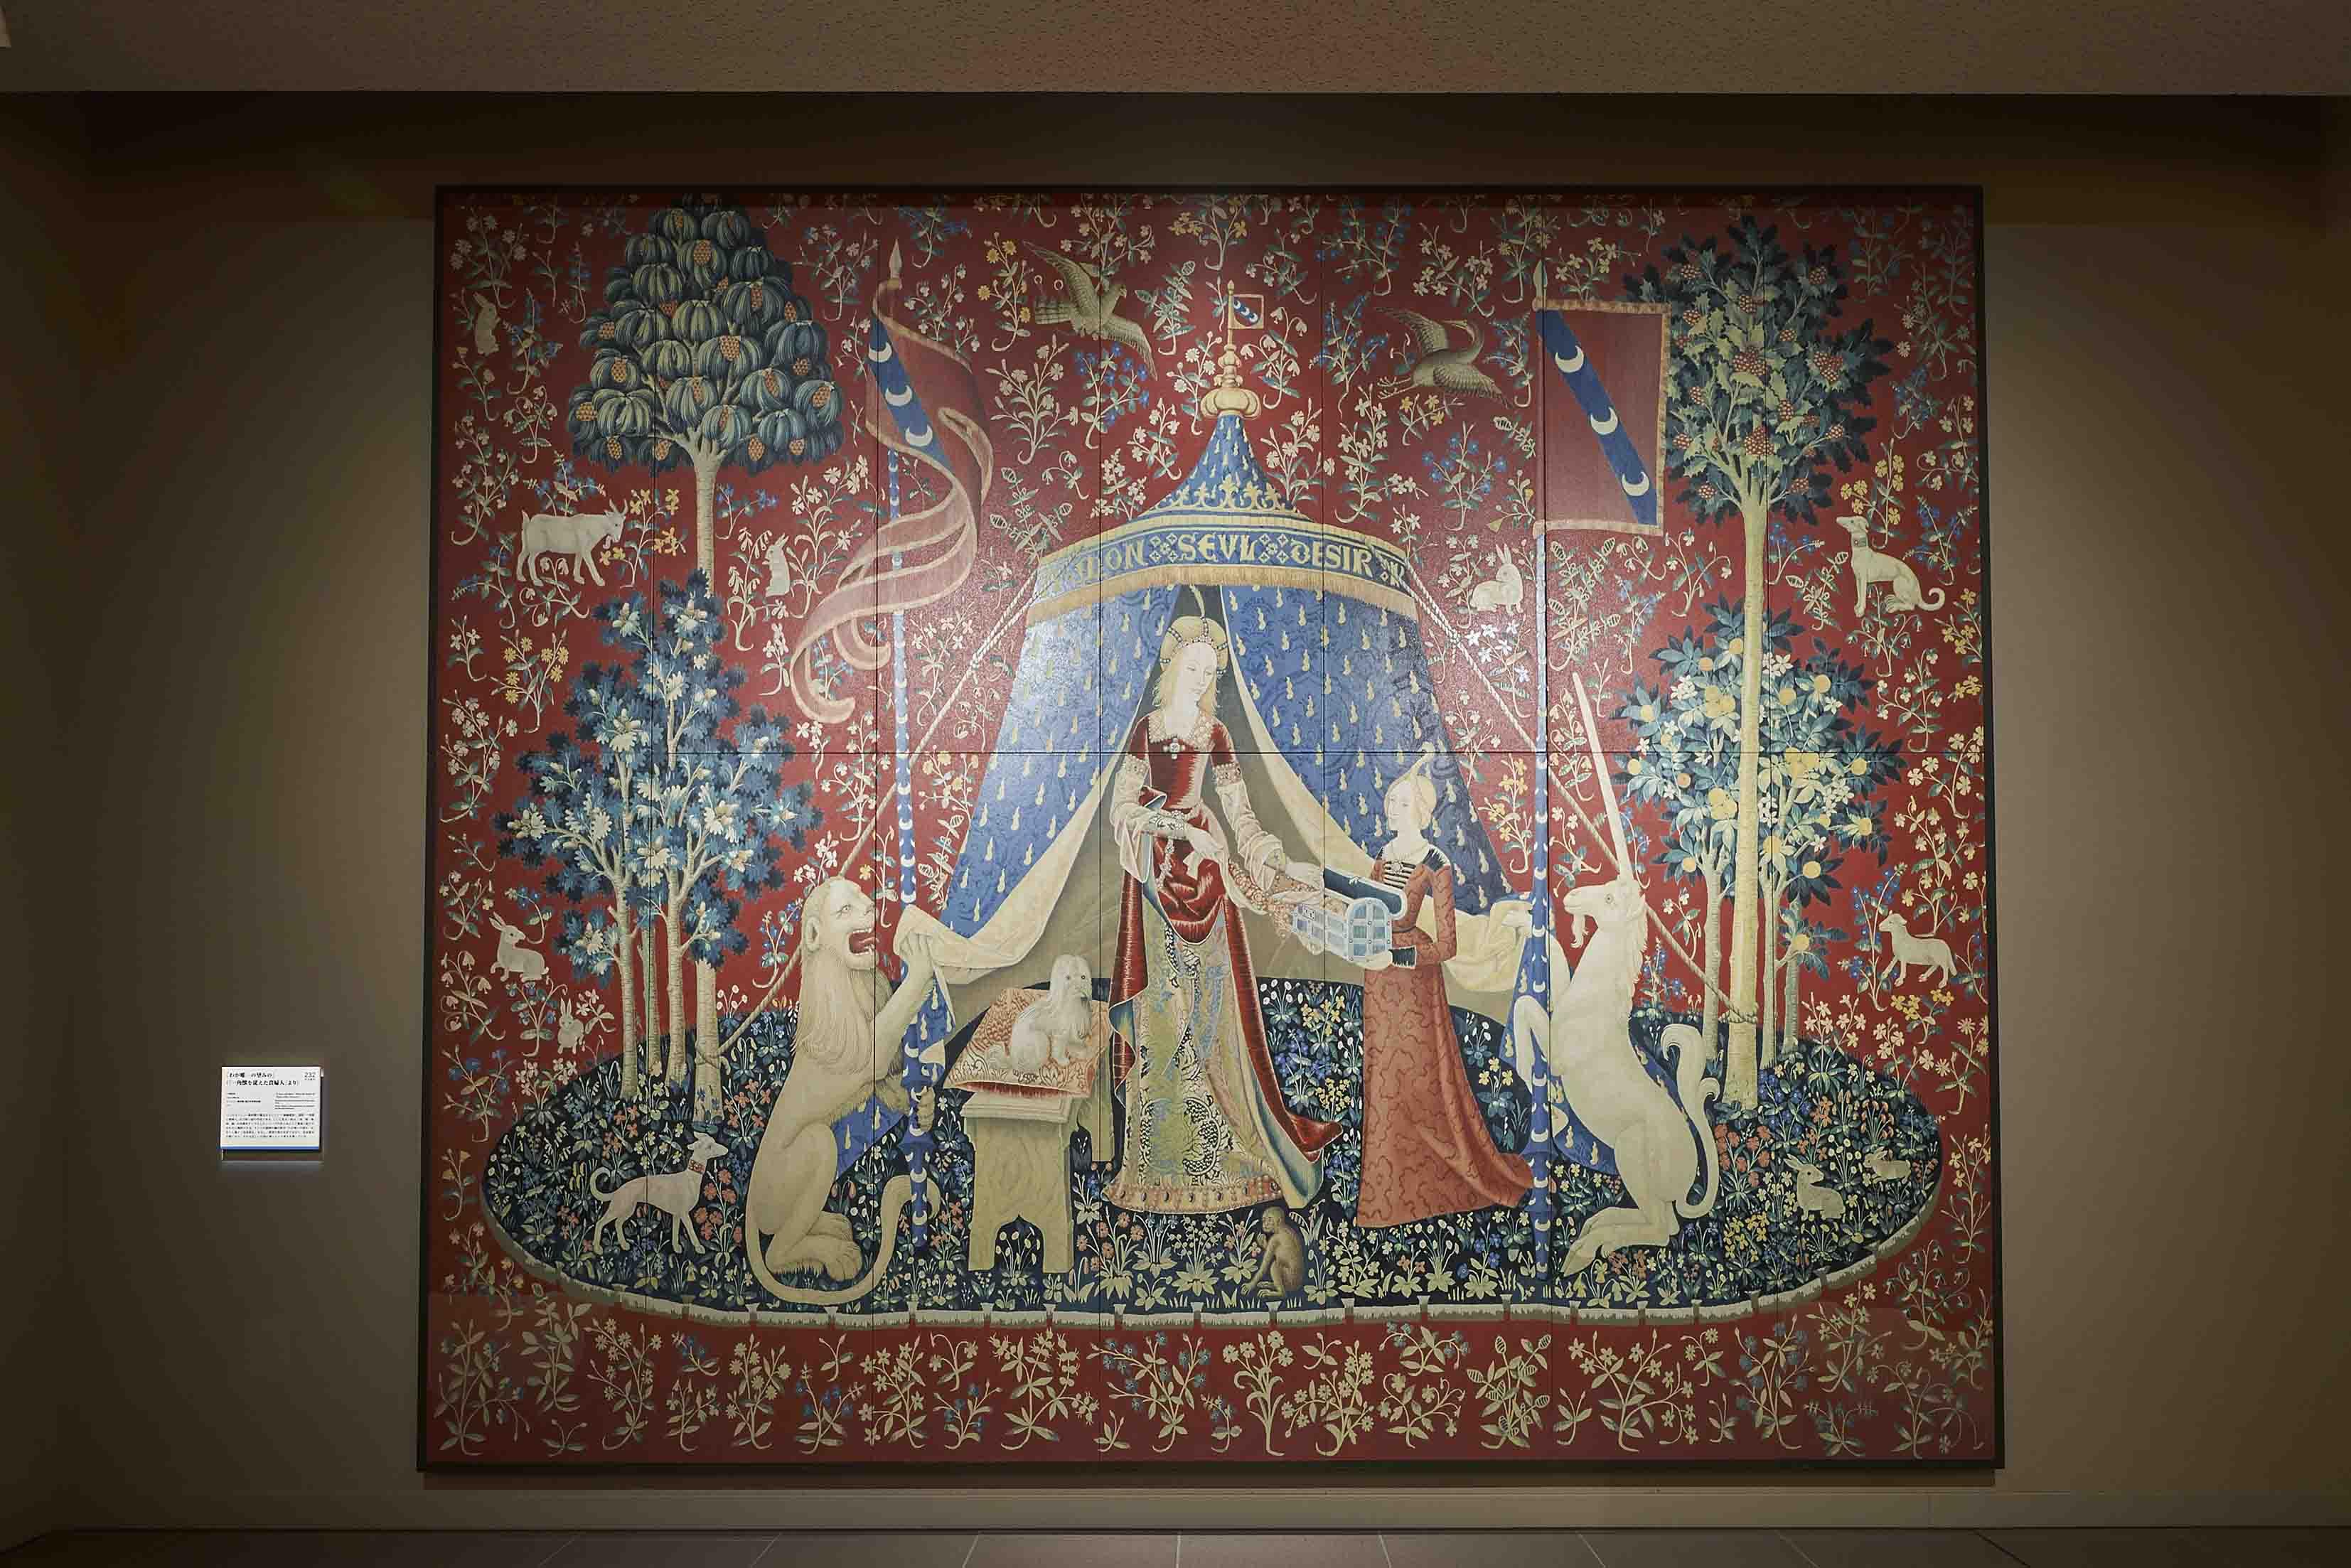 フランスのクリュニー美術館 (国立中世美術館) が所蔵する「我が唯一の望みの」のレプリカ